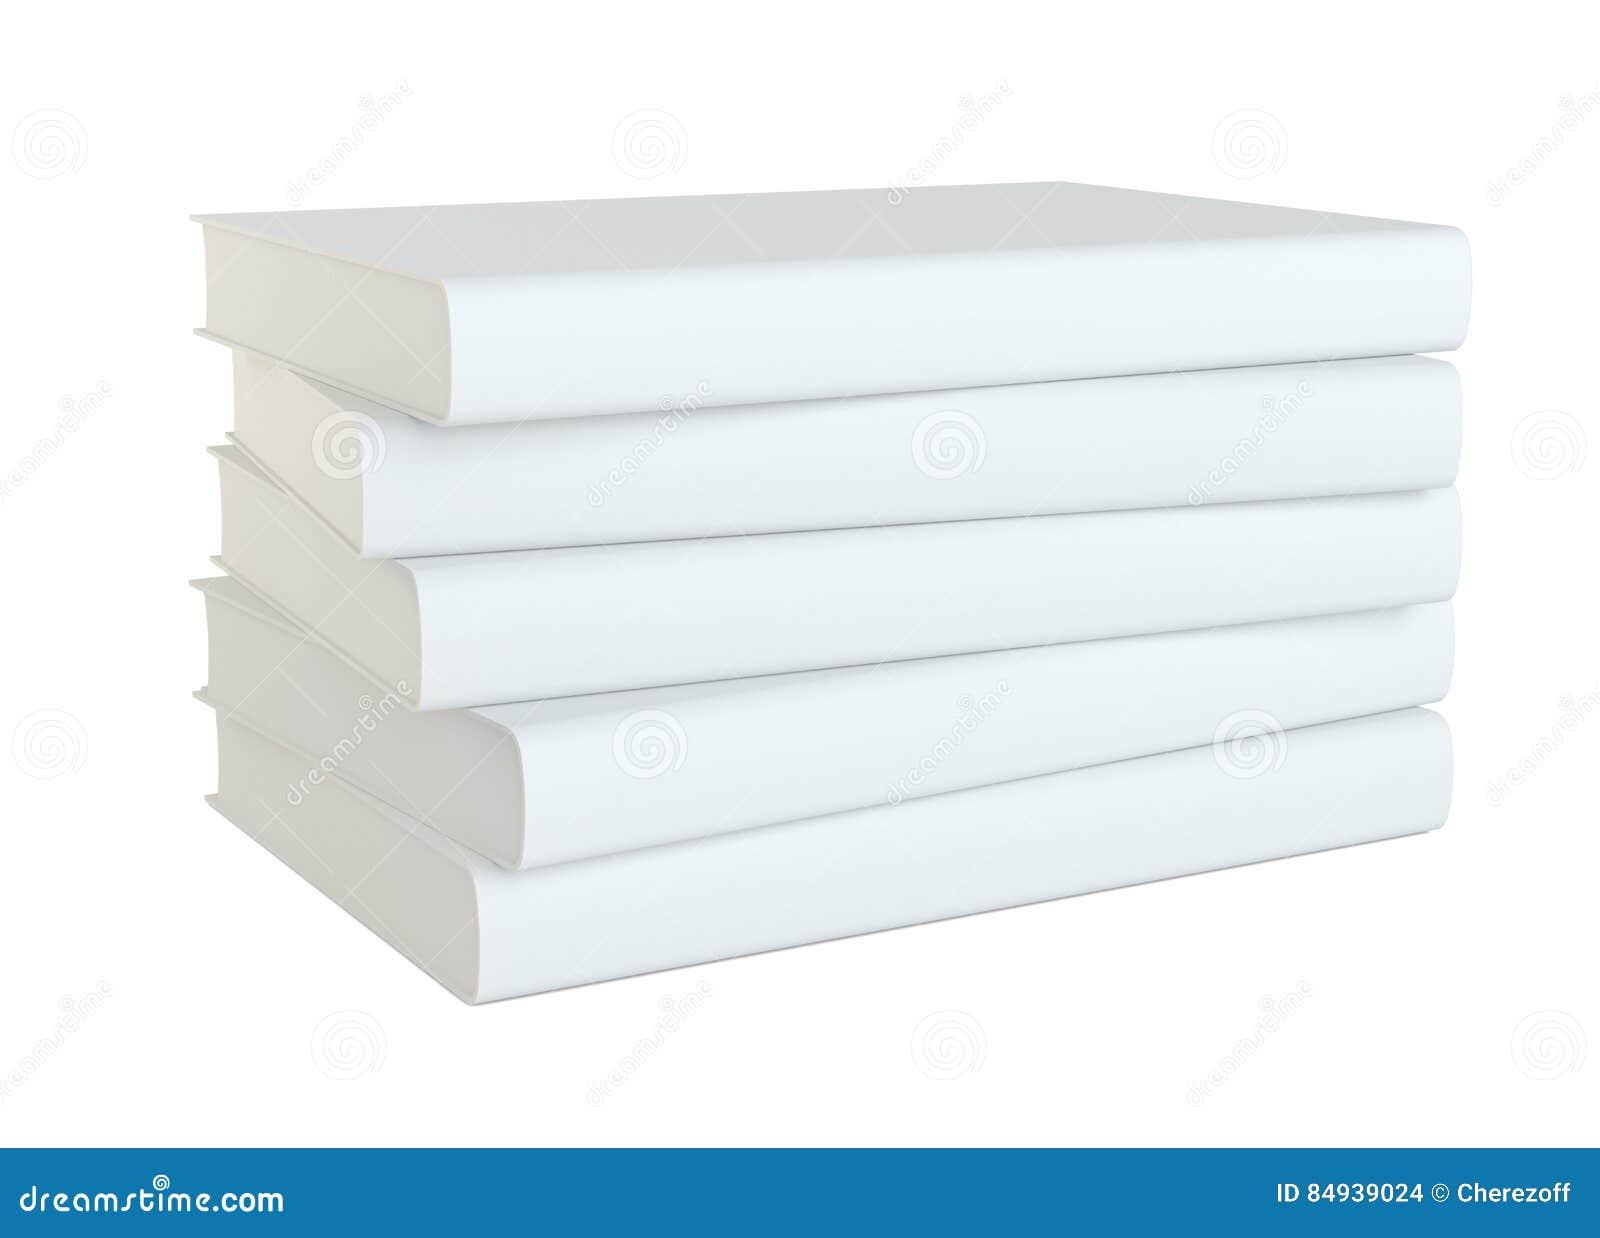 Książki odizolowane białe tło